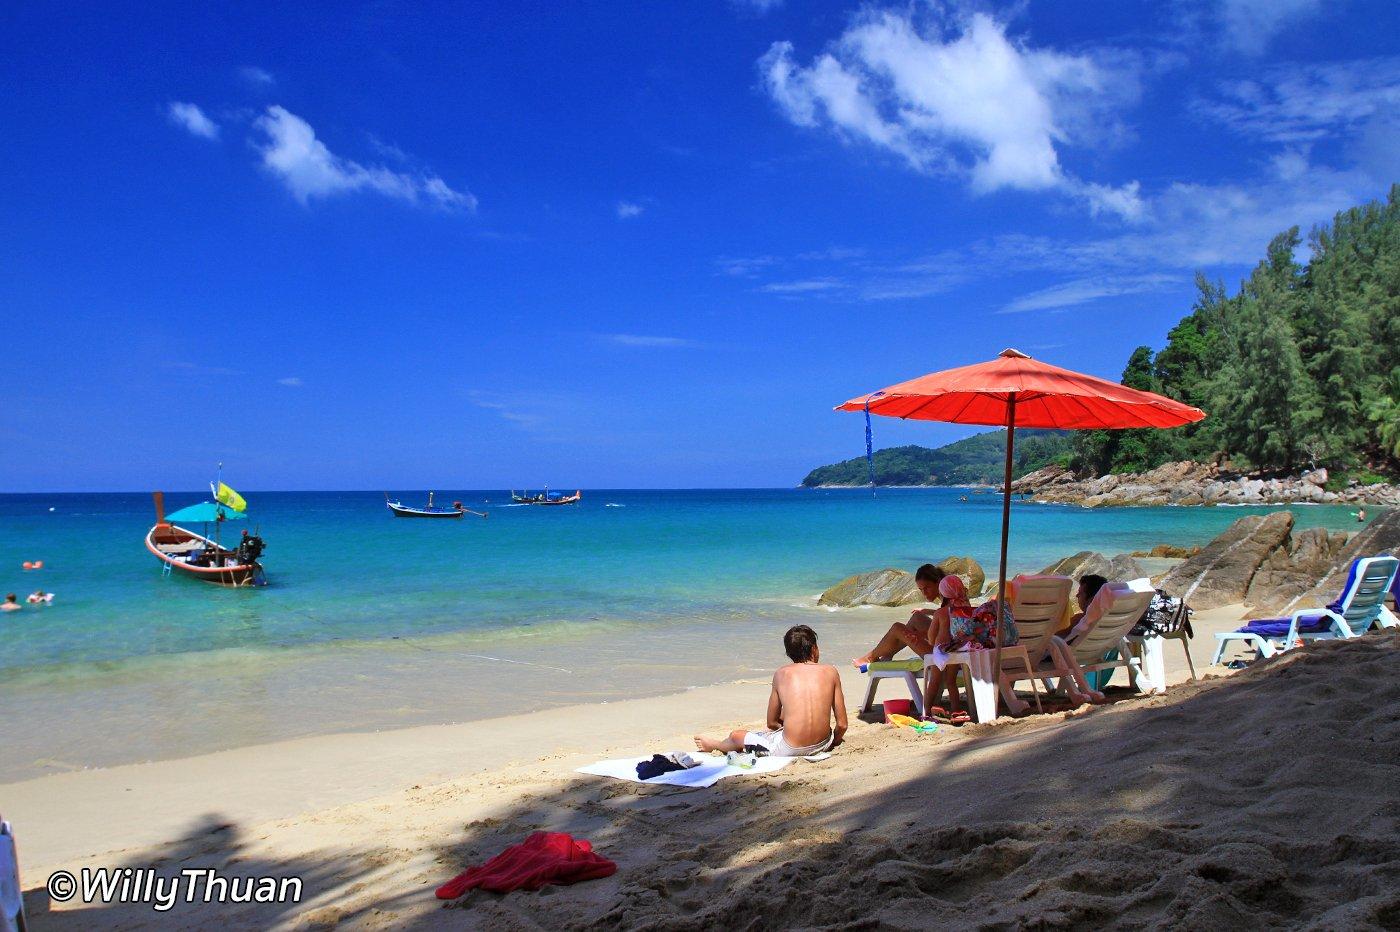 Phuket Beaches – 35 beaches of Phuket!